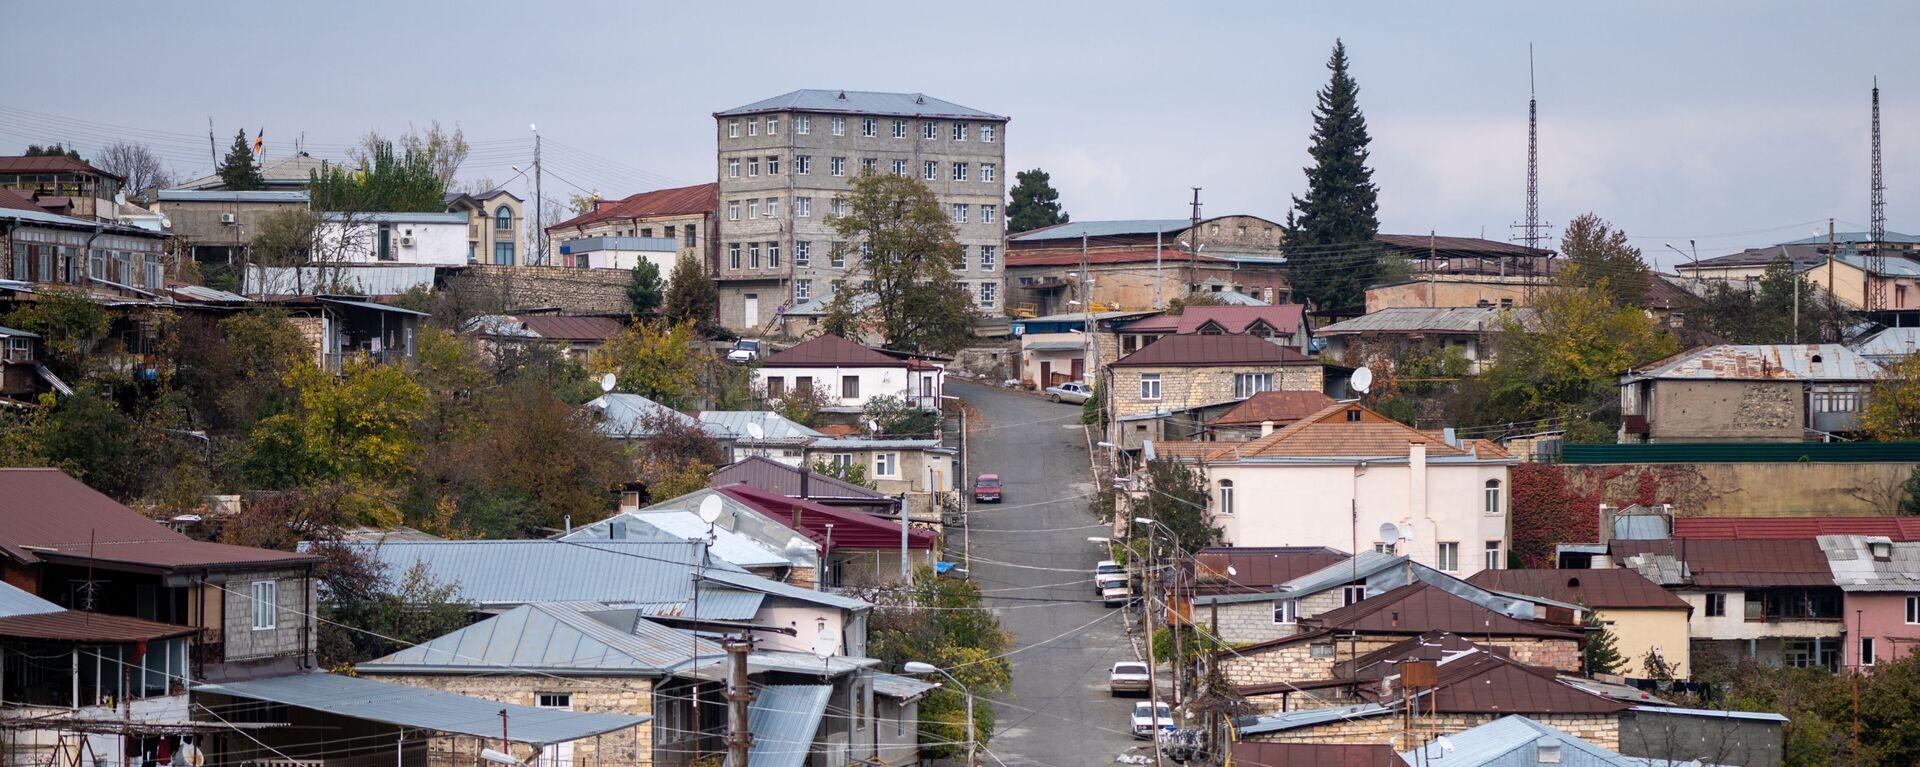 Вид на город Ханкенди, фото из архива - Sputnik Azərbaycan, 1920, 28.07.2021